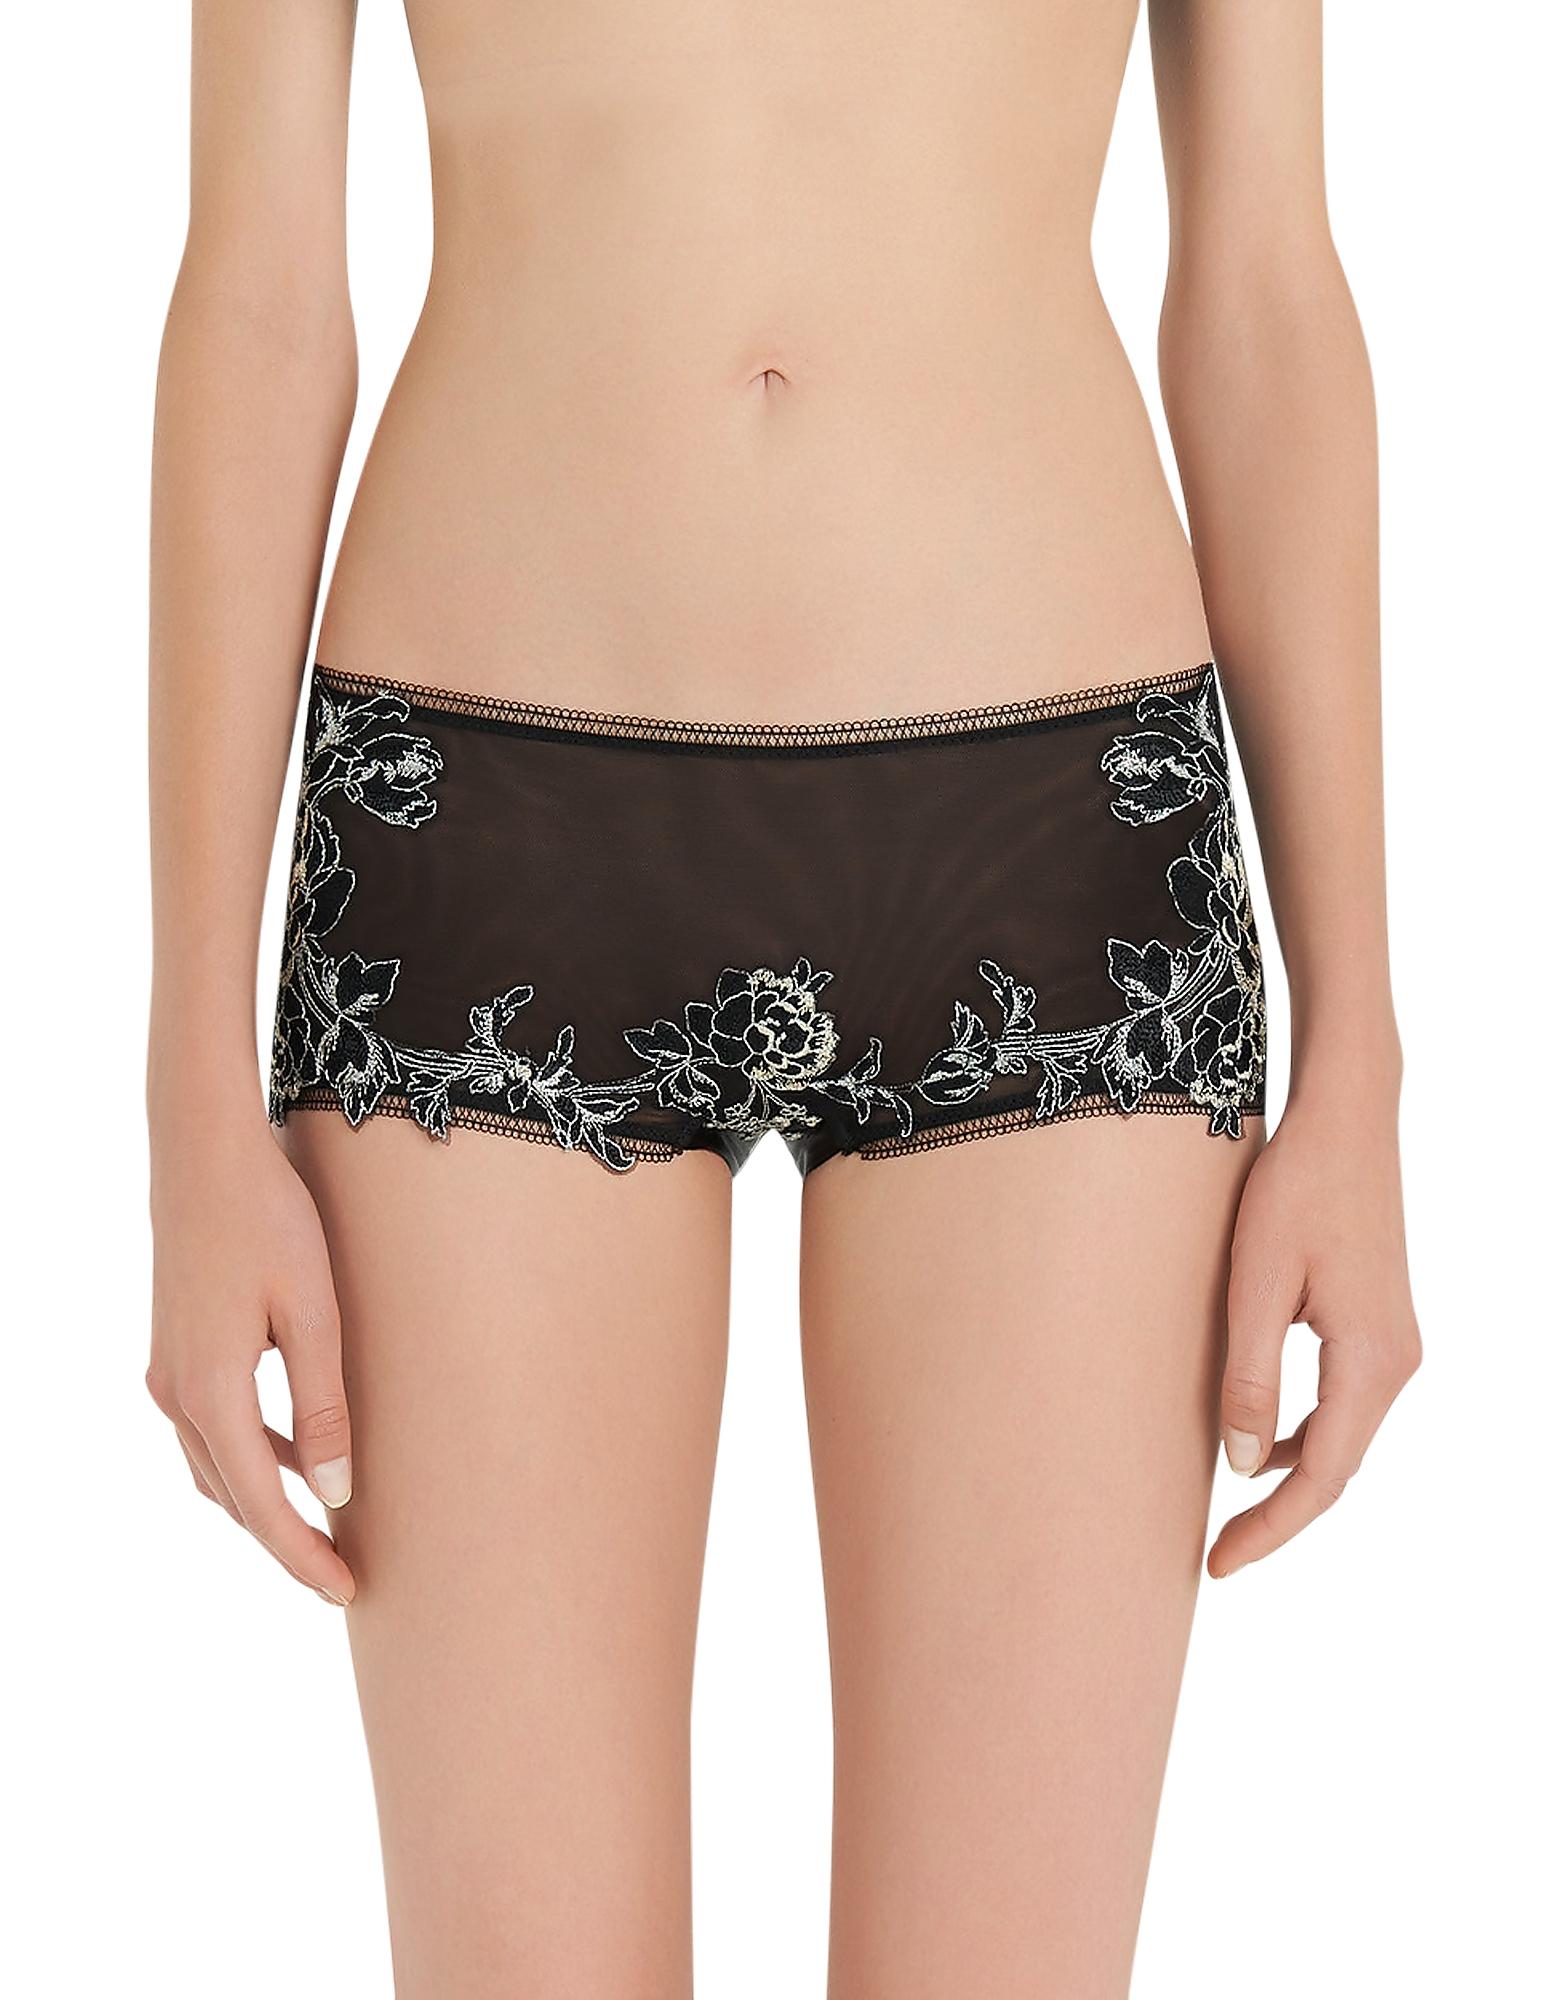 La Perla Panties, Peony Black Embroidered Tulle Briefs